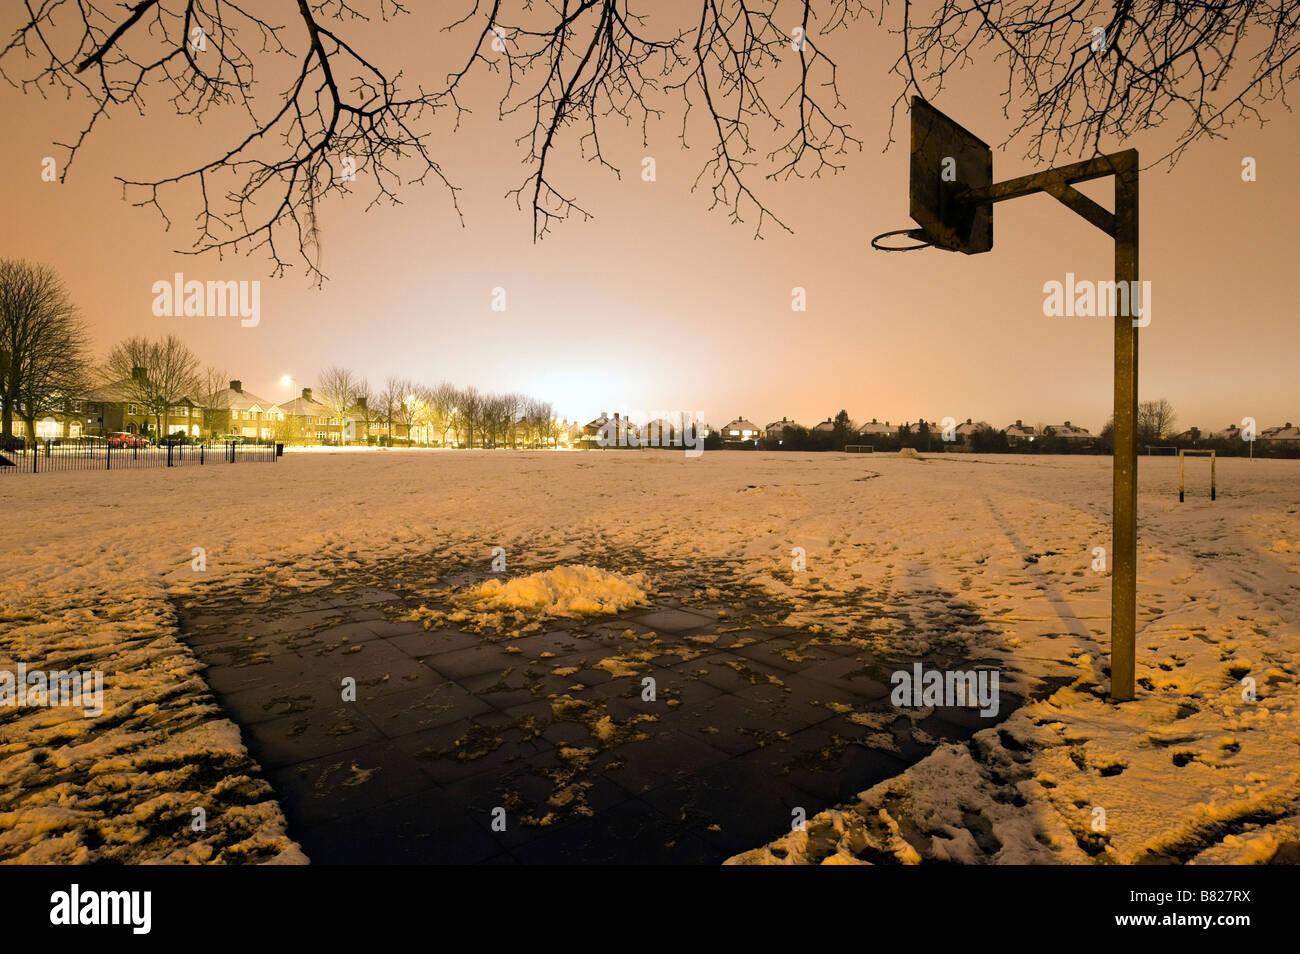 Panier de basket-ball sur une aire de jeux couverte de neige dans la nuit Photo Stock